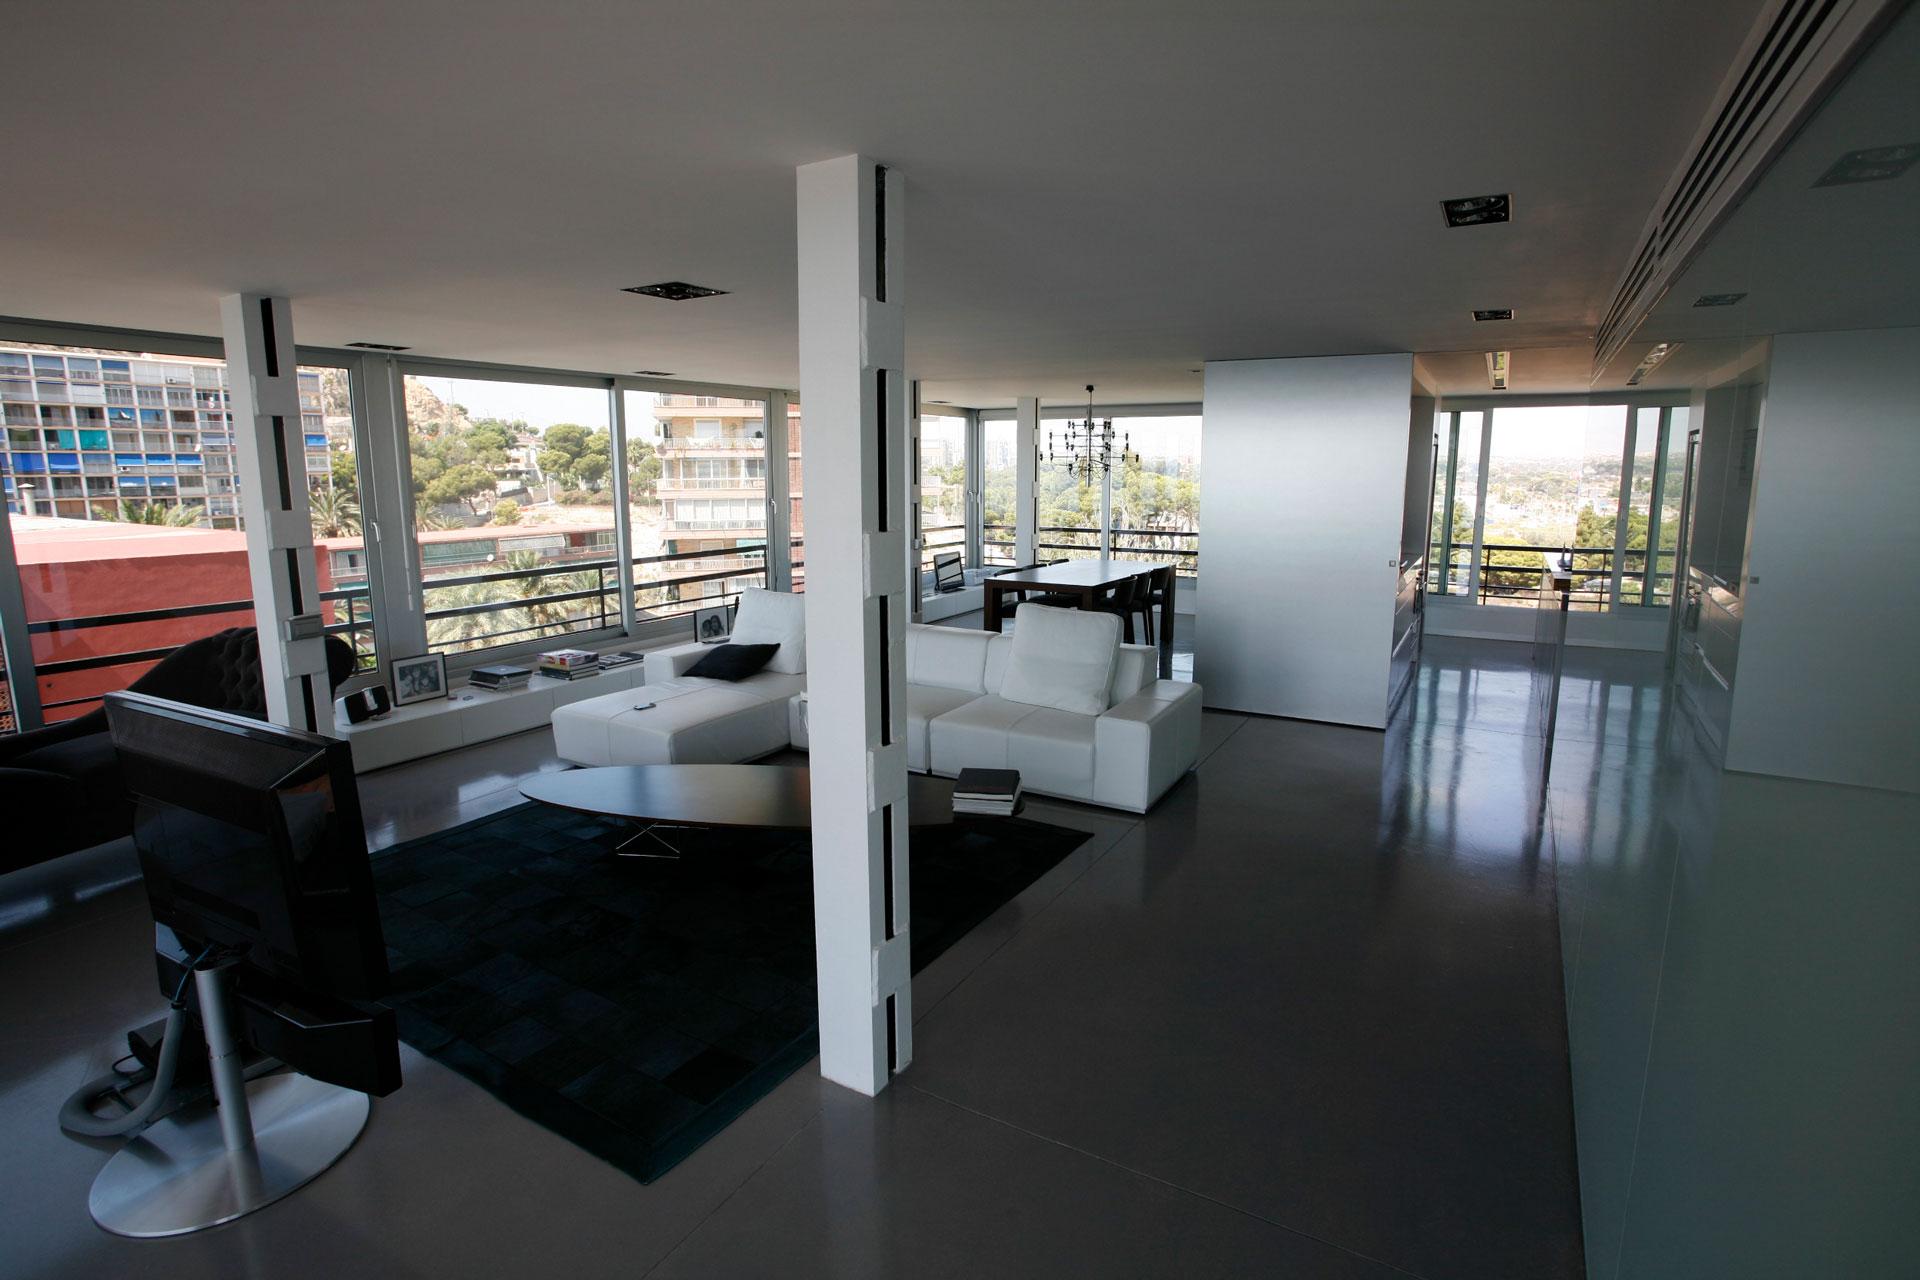 Proyecto arquitectónico en la Albufereta de Alicante